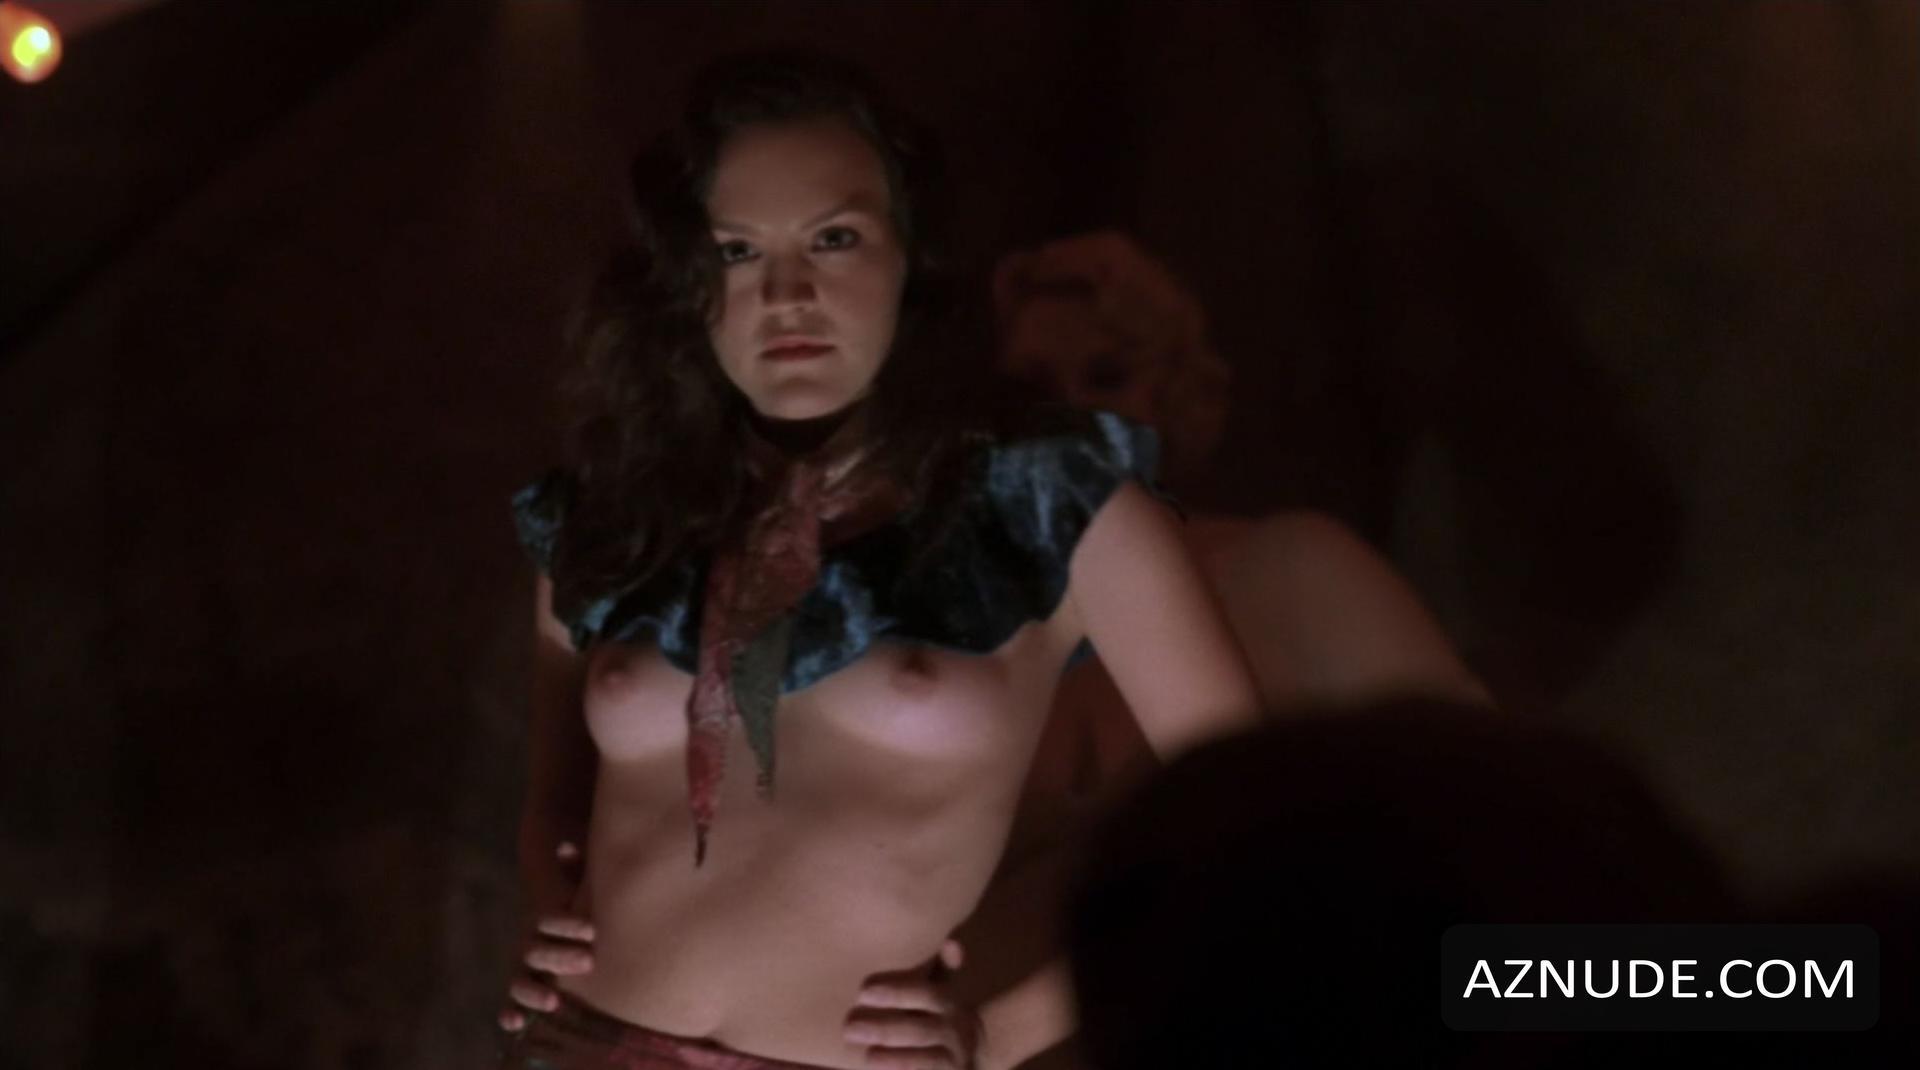 Carla Gallo Nude Video 69